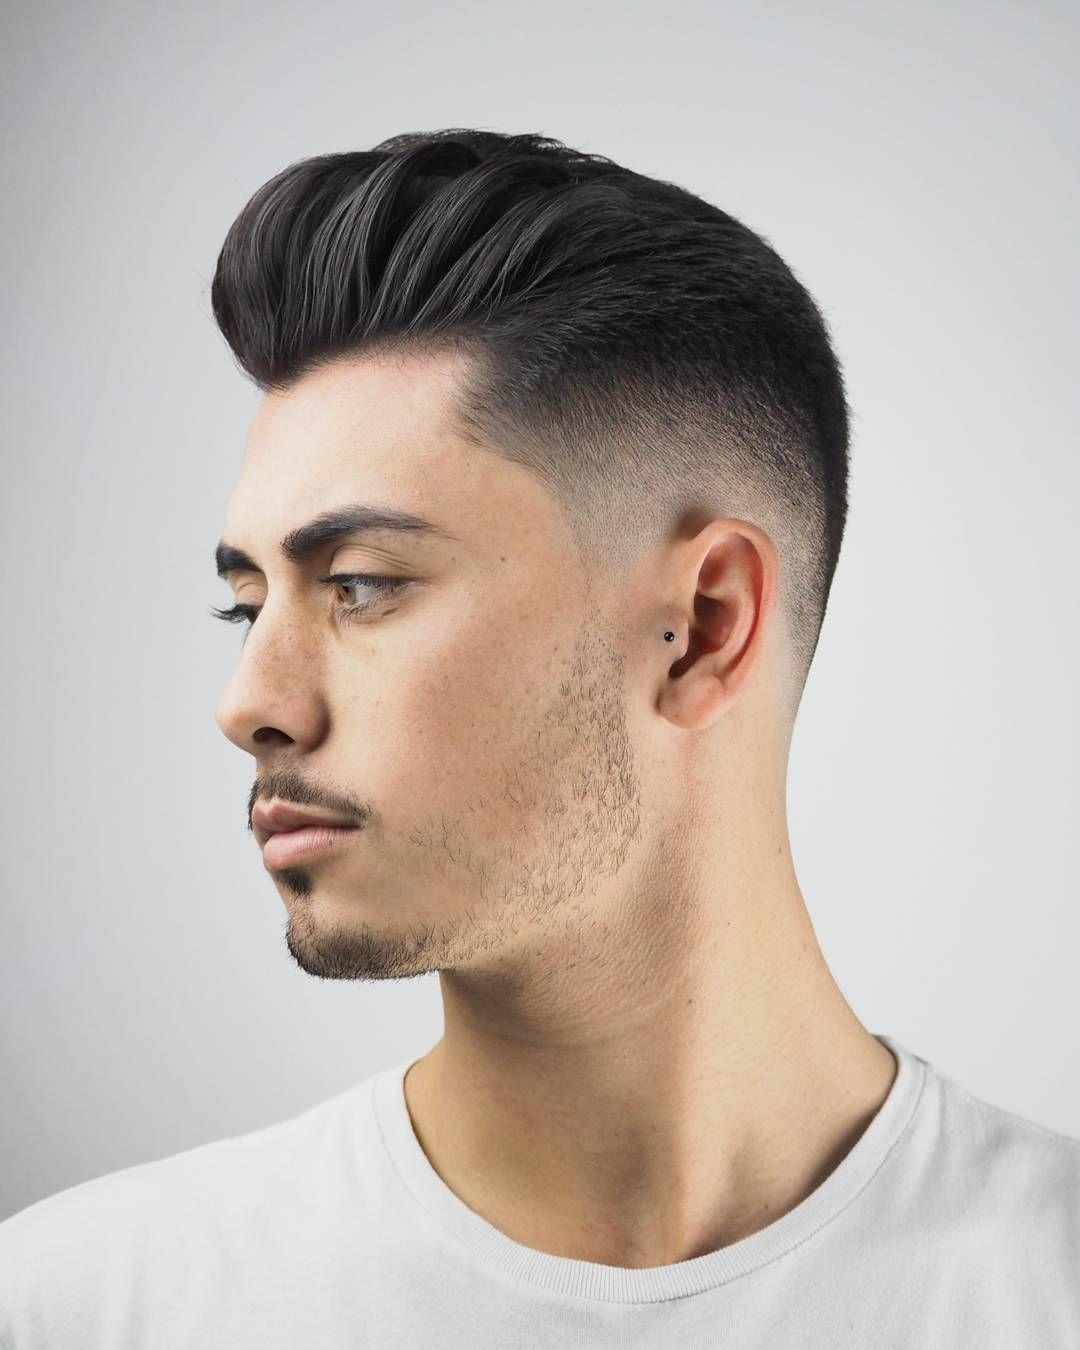 Men's pompadour haircut menus toupee human hair hairpieces for men  inch thin skin hair